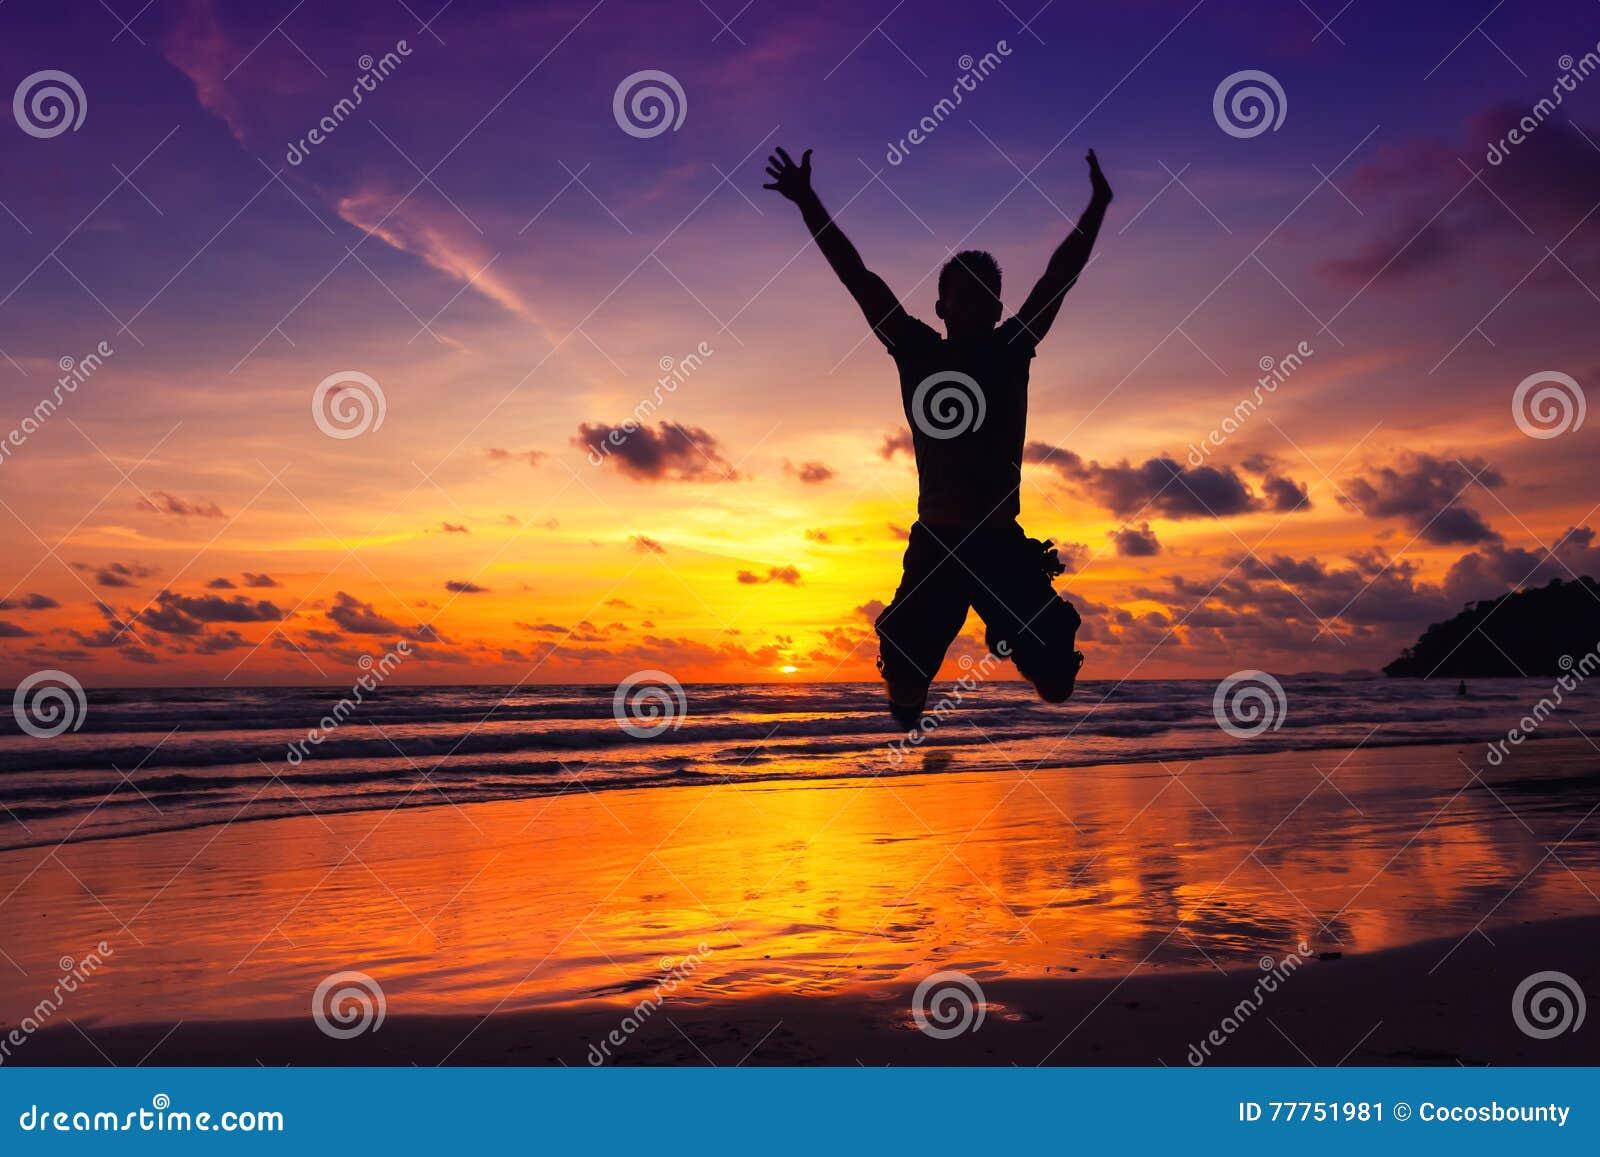 De jonge sterke mens geniet van vakantie op een tropisch eiland